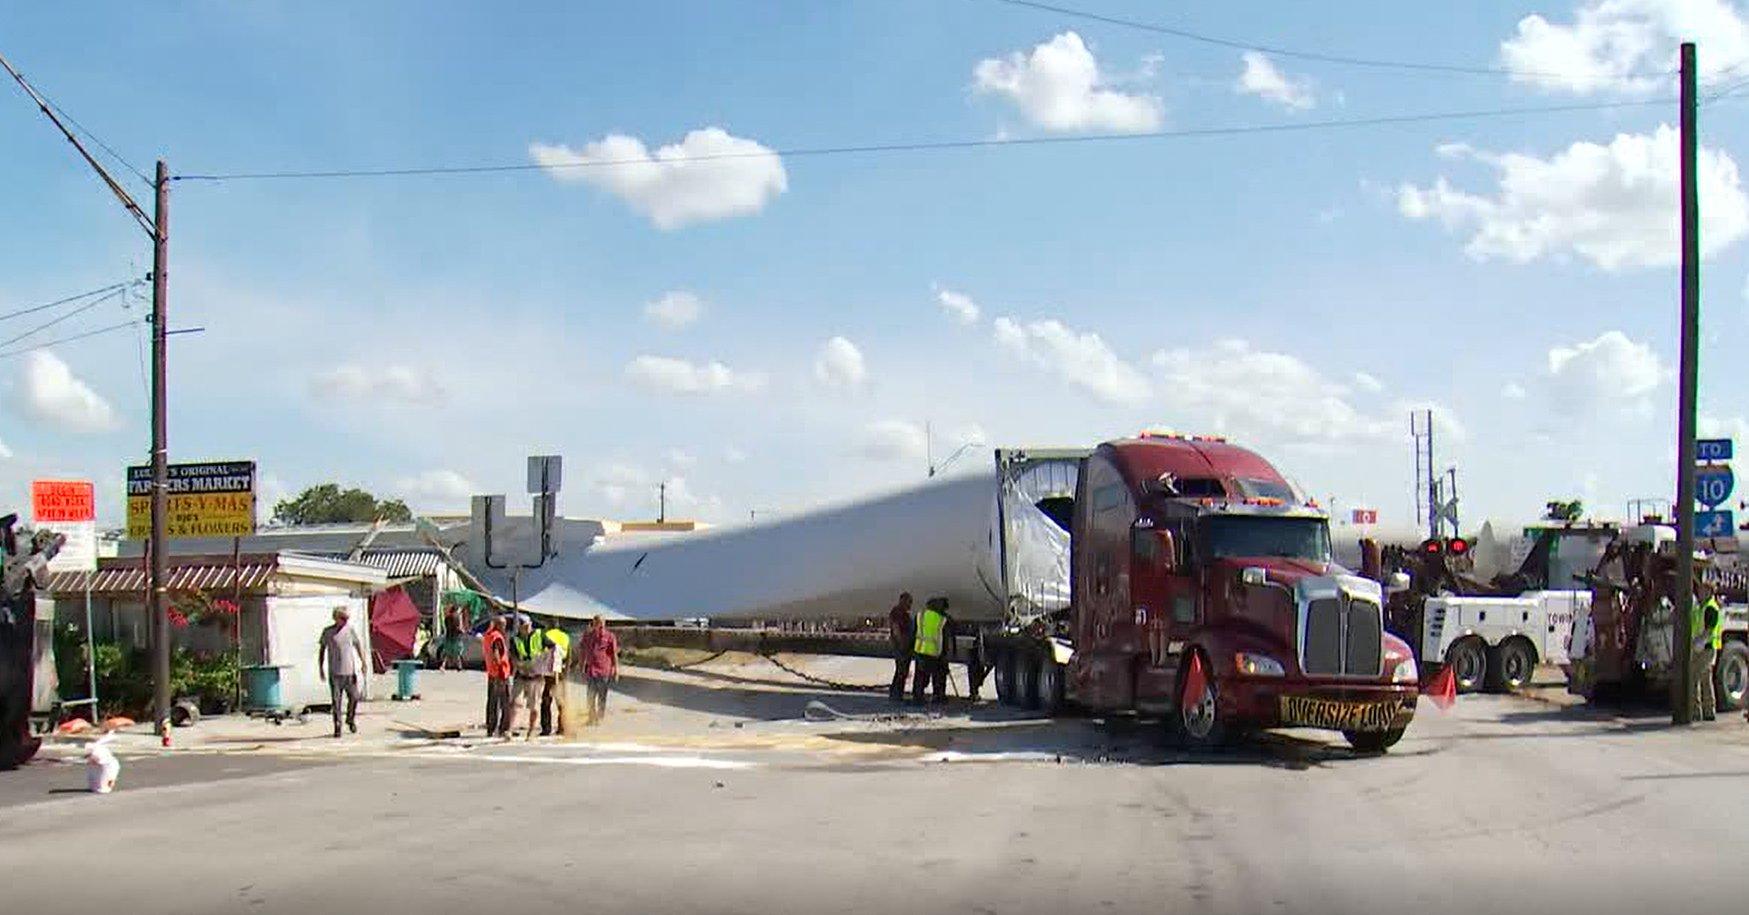 acidente caminhao levando pa de turbiona eolica e atingido por trem no texas